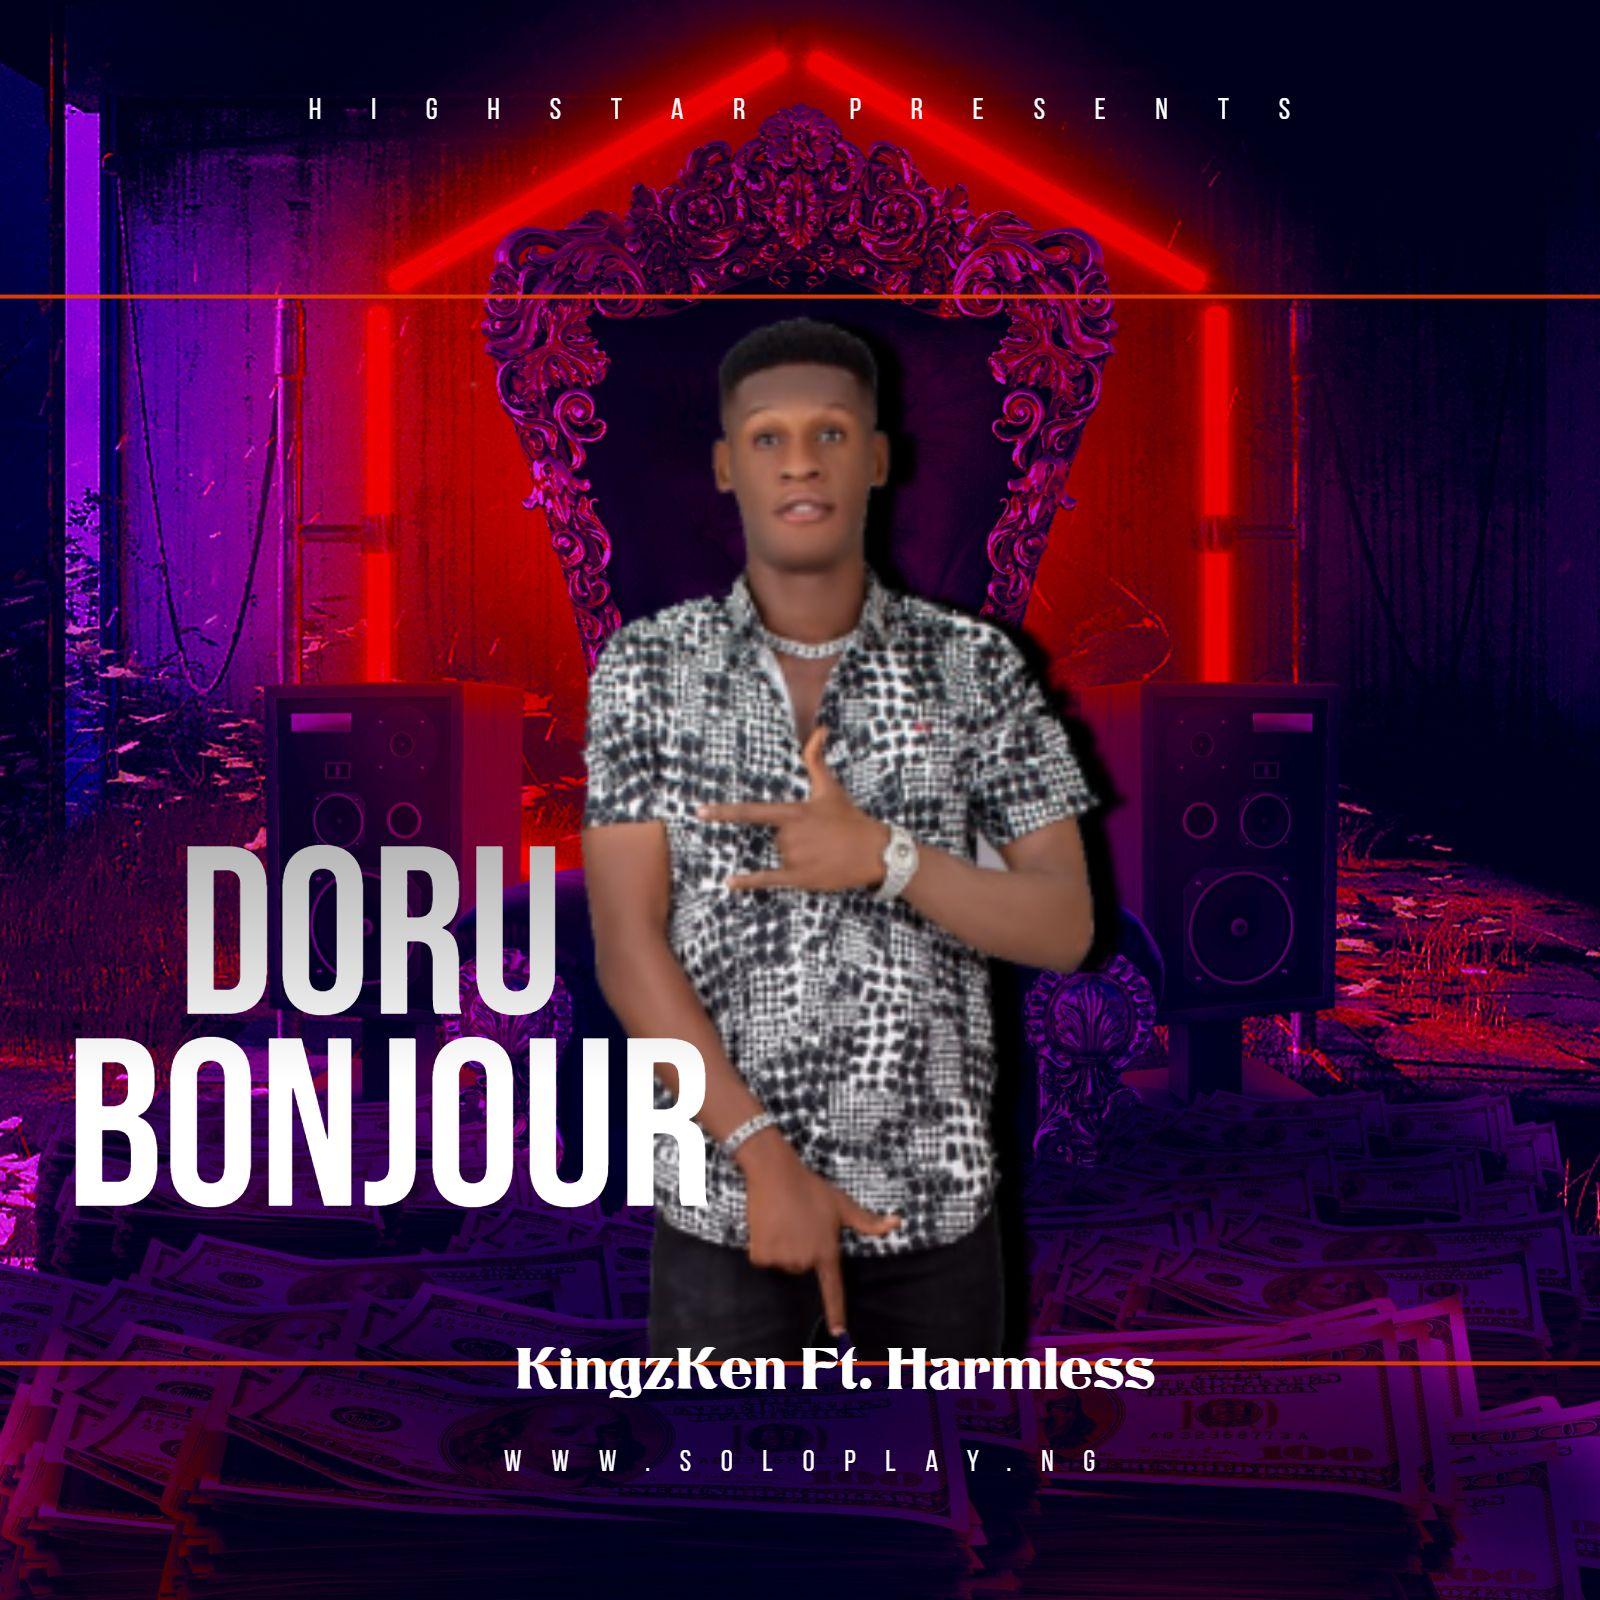 Kingzken Ft Harmless Doru Bonjour Bonjour Music Bring It On